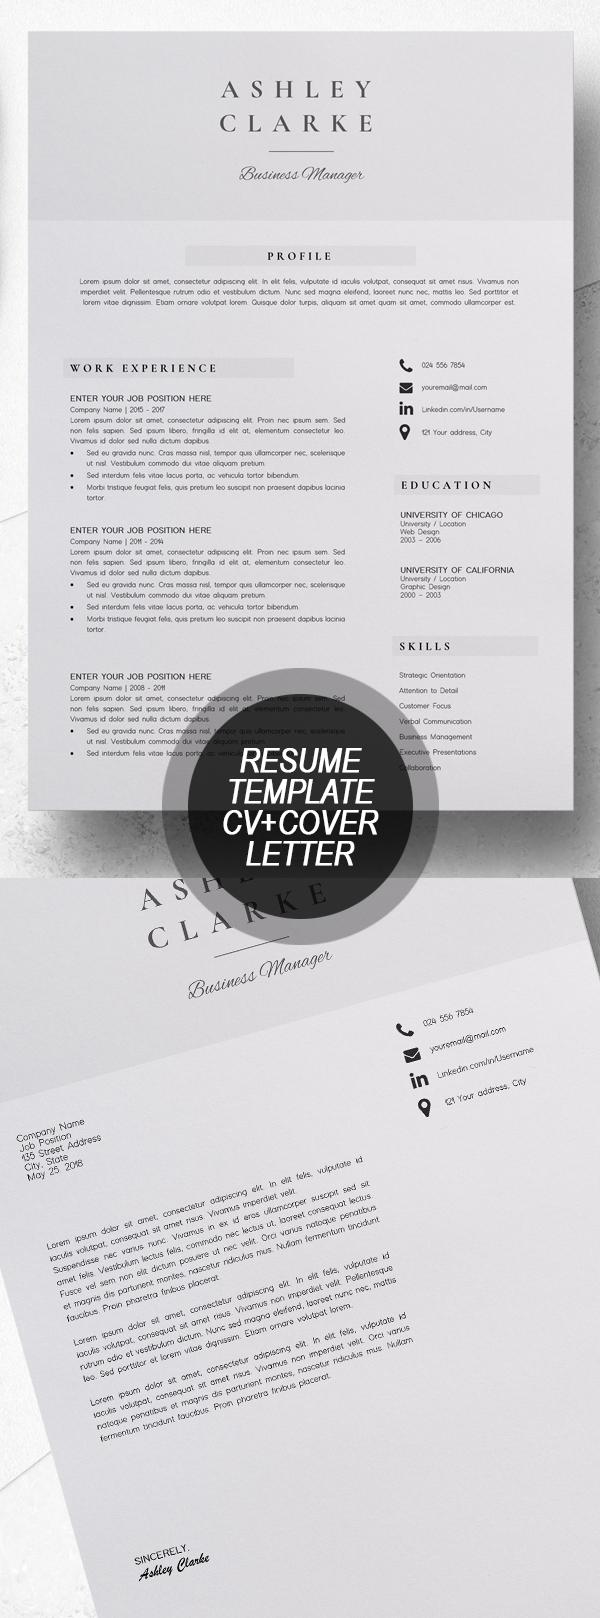 Resume Template  CV + Cover Letter #resumedesign